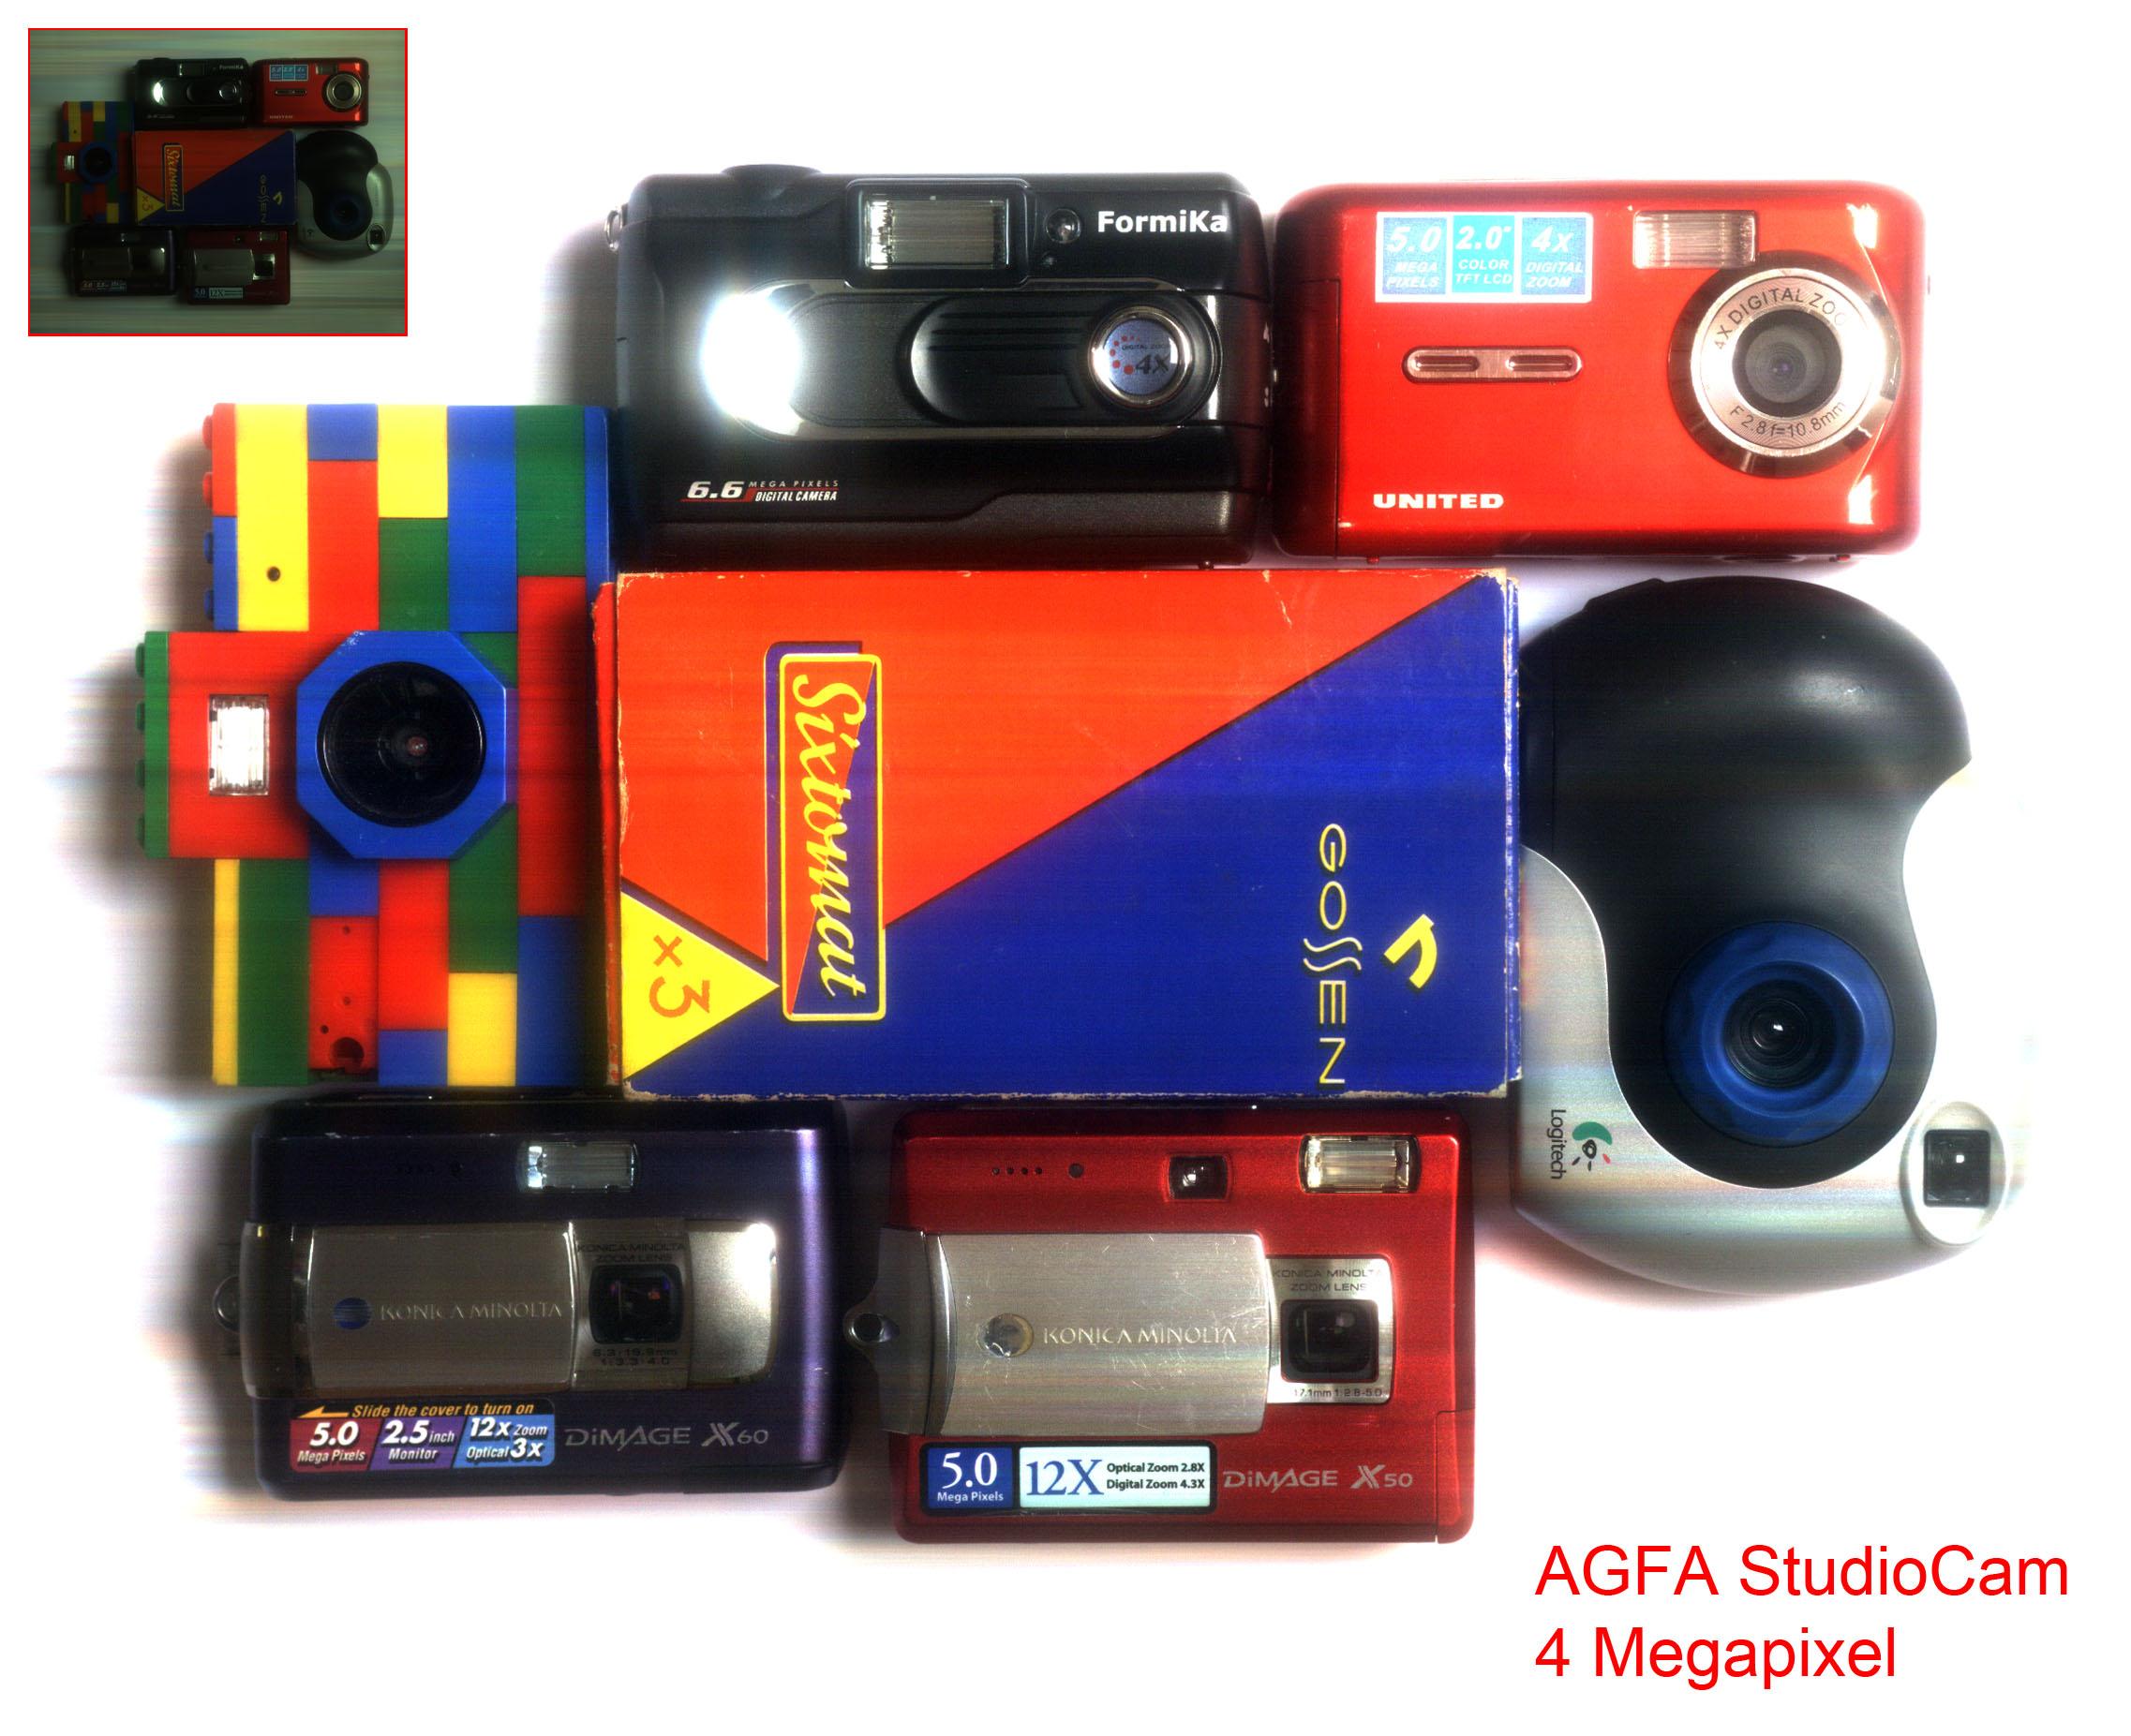 AGFA STUDIOCAM FOTOLOOK DRIVER DOWNLOAD